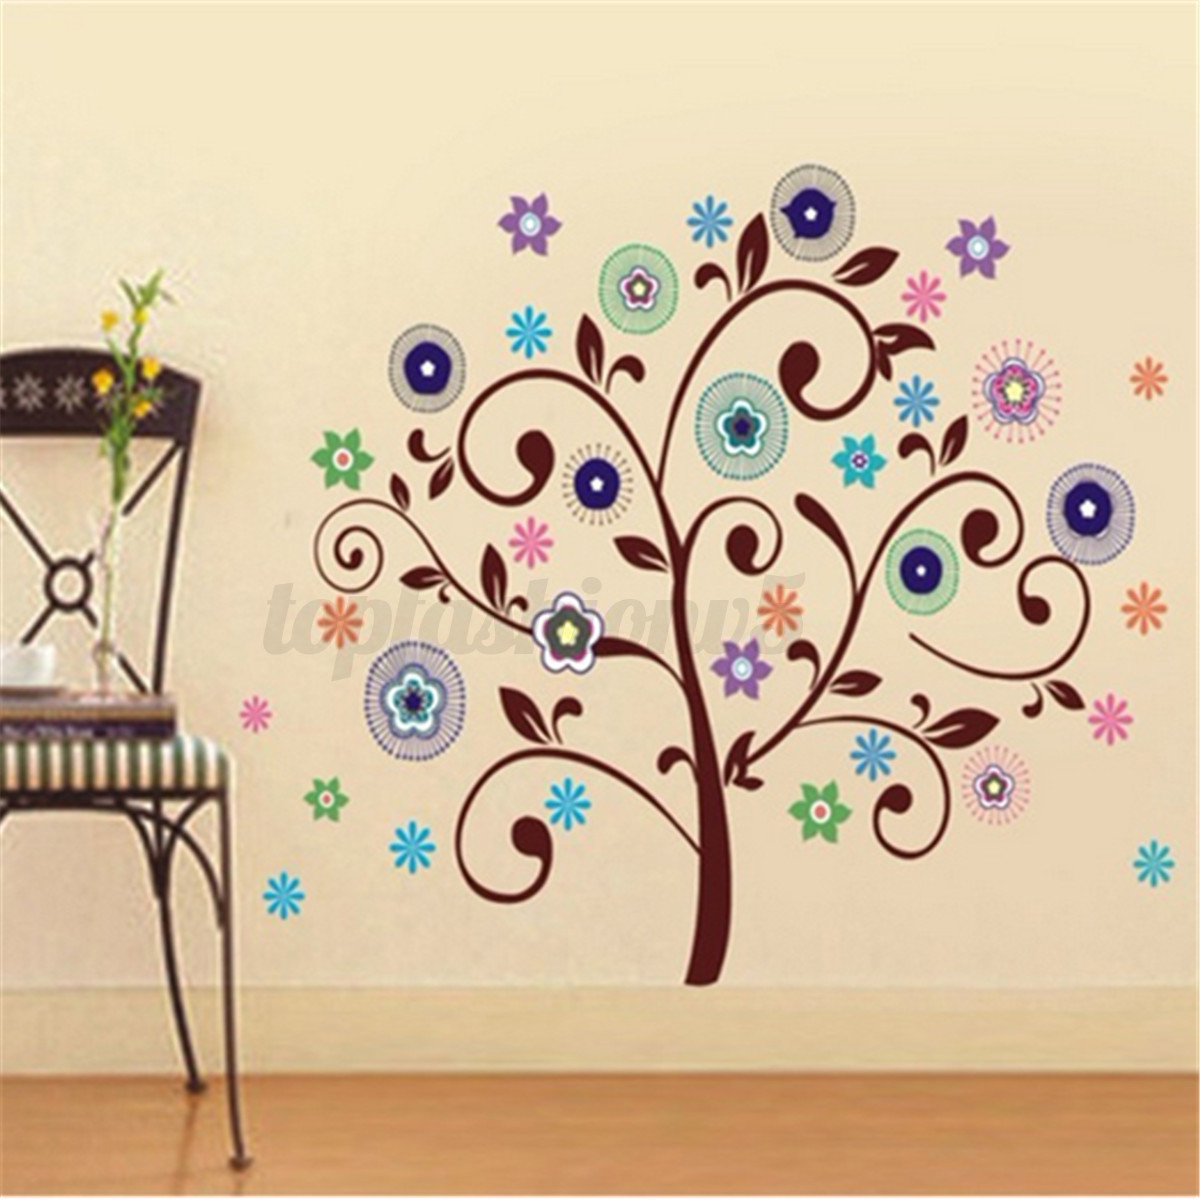 Adesivi murali wall decorazioni stickers adesivi parete removibile multi stile ebay - Decorazioni parete bambini ...